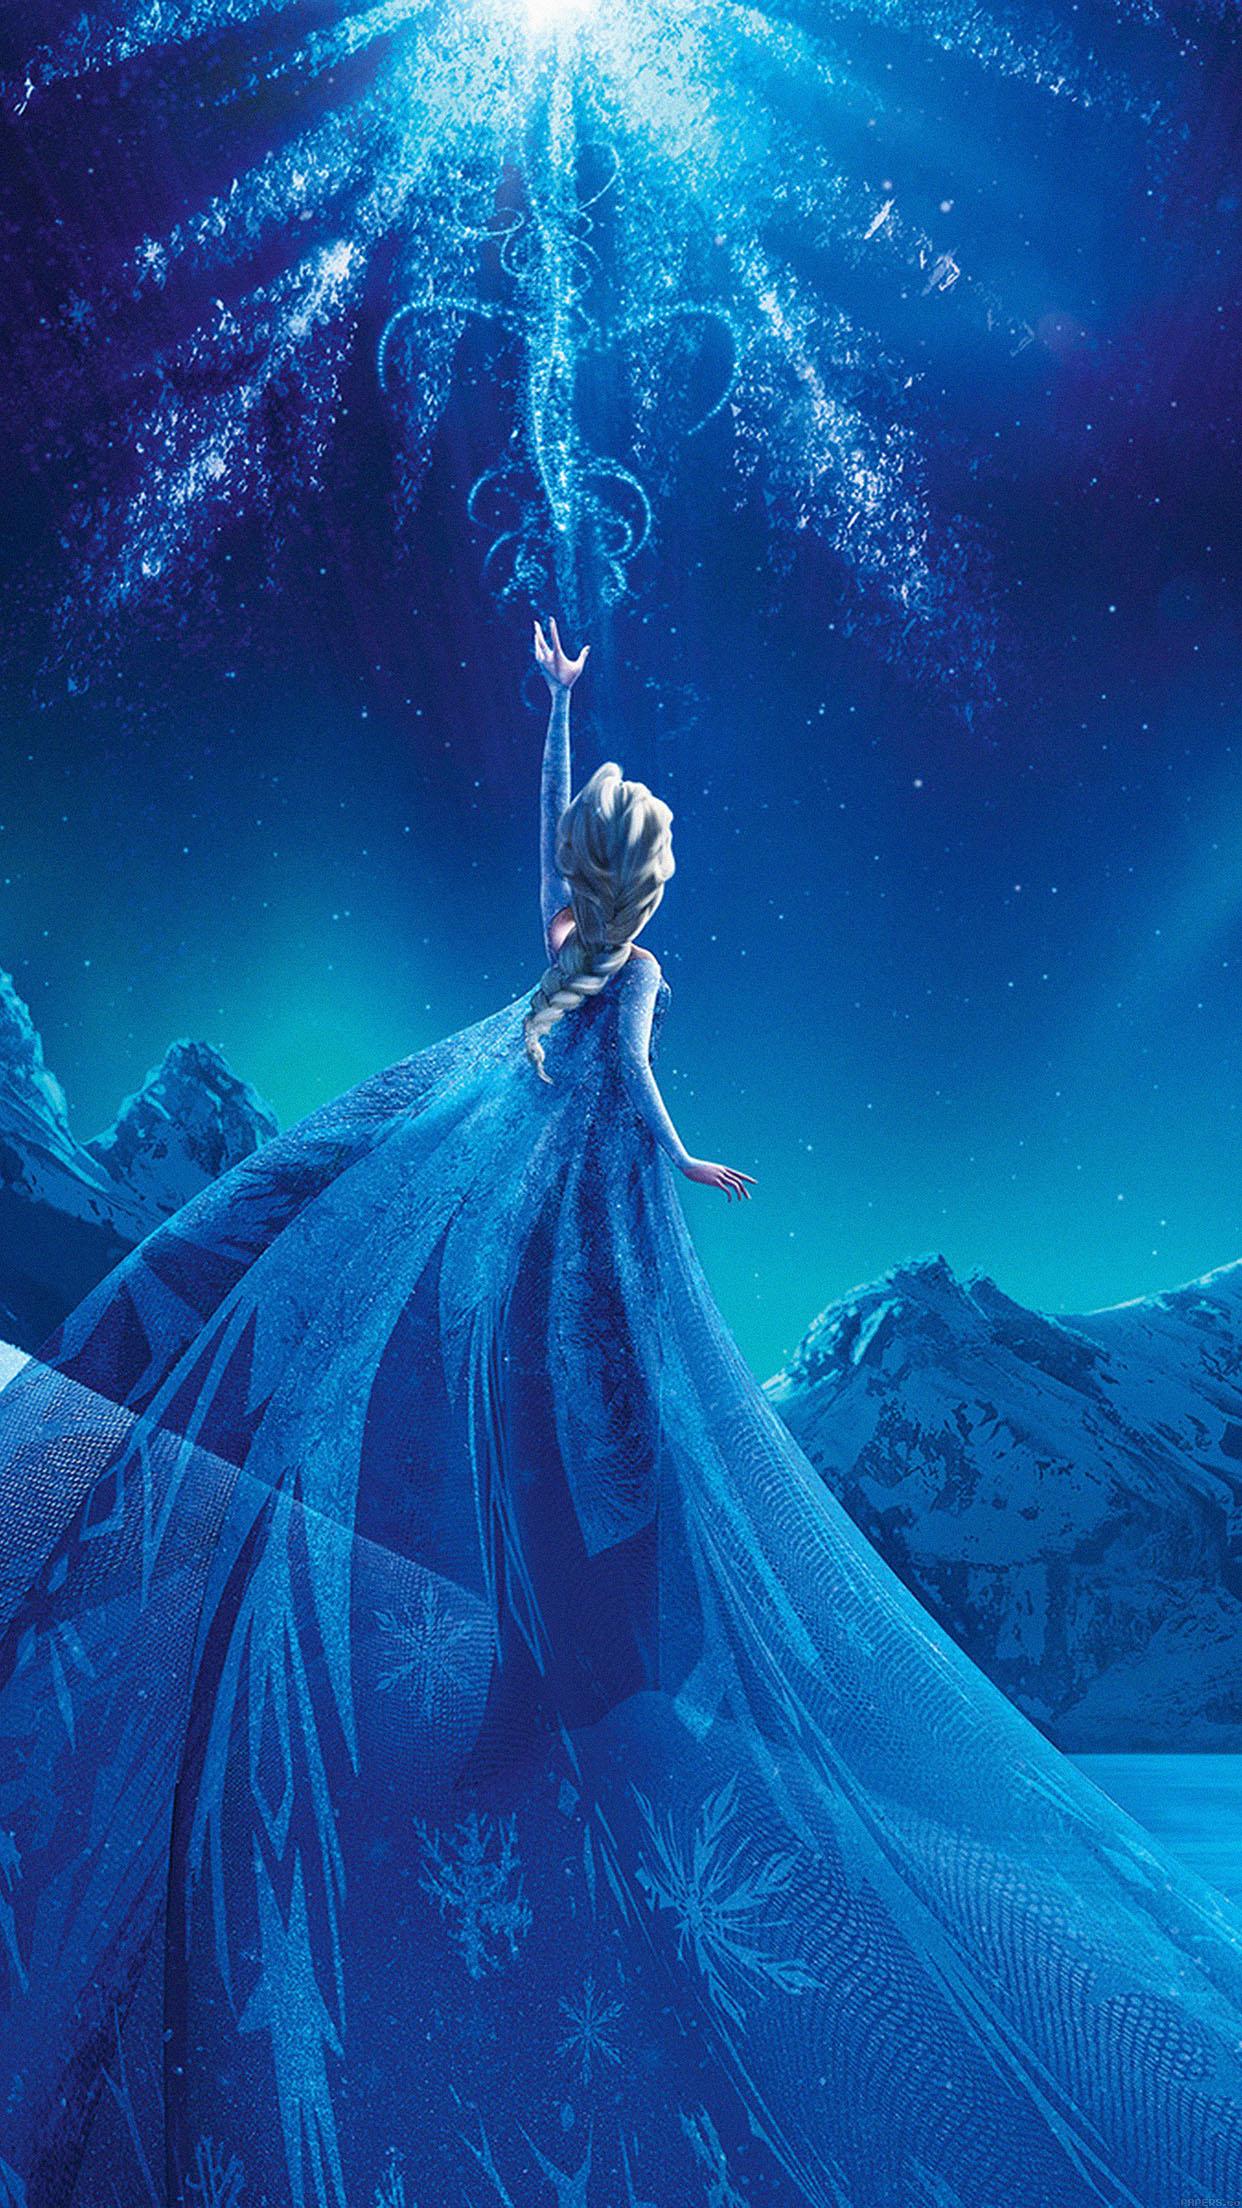 ac69-wallpaper-elsa-frozen-queen-disney-illust-snow-art ...